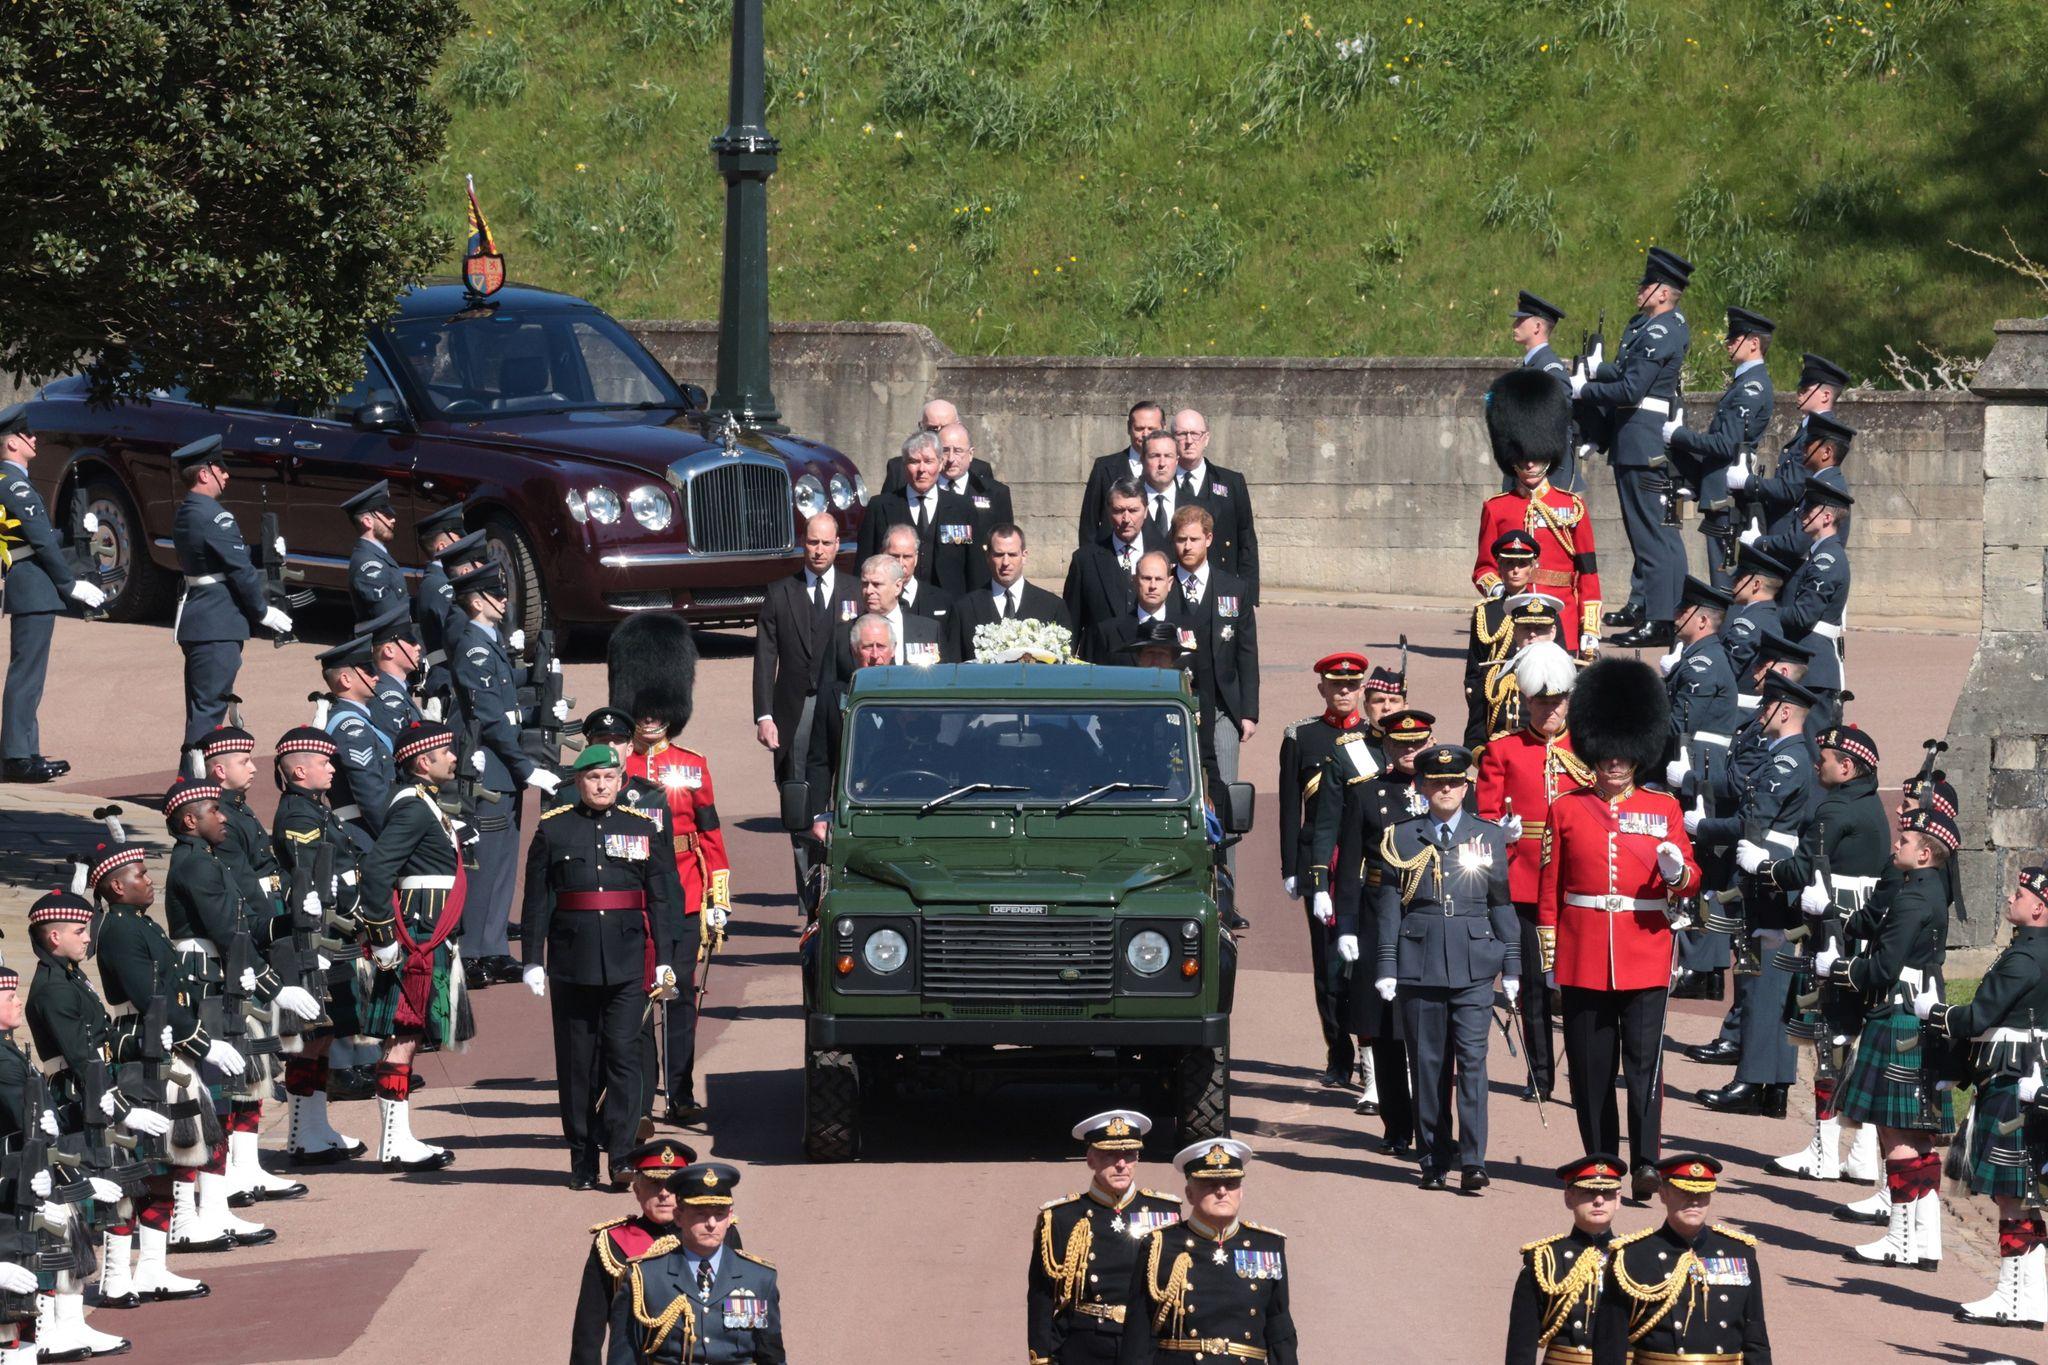 Πρίγκιπας Φίλιππος: Τα παιδιά, τα εγγόνια και η βασίλισσα Ελισάβετ  είπαν το τελευταίο αντίο όπως του άρμοζε (vids, pics)